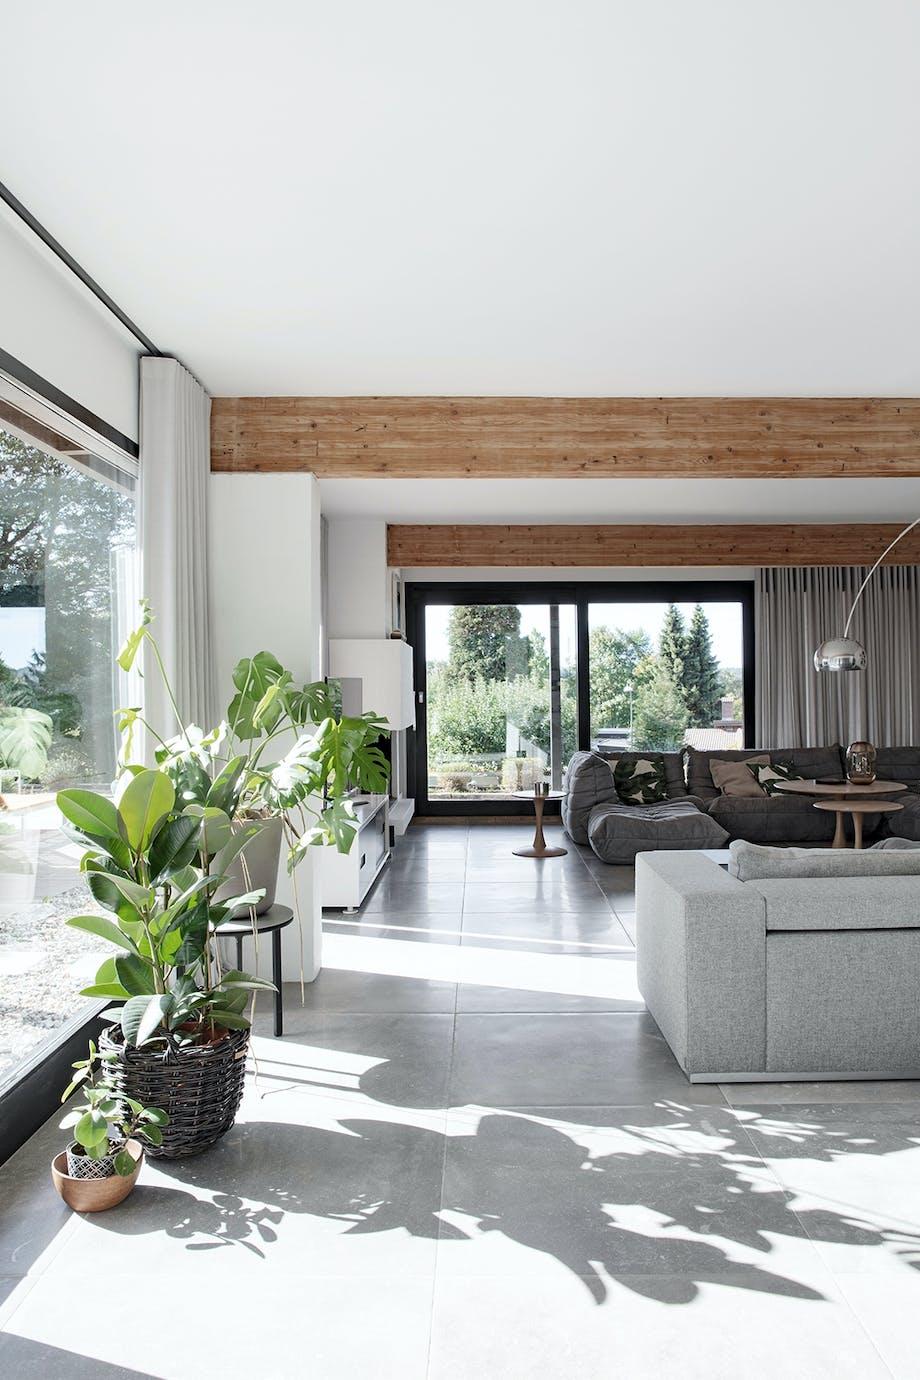 Stue åben pejs grønne planter store vindespartier grå keramiske klinker